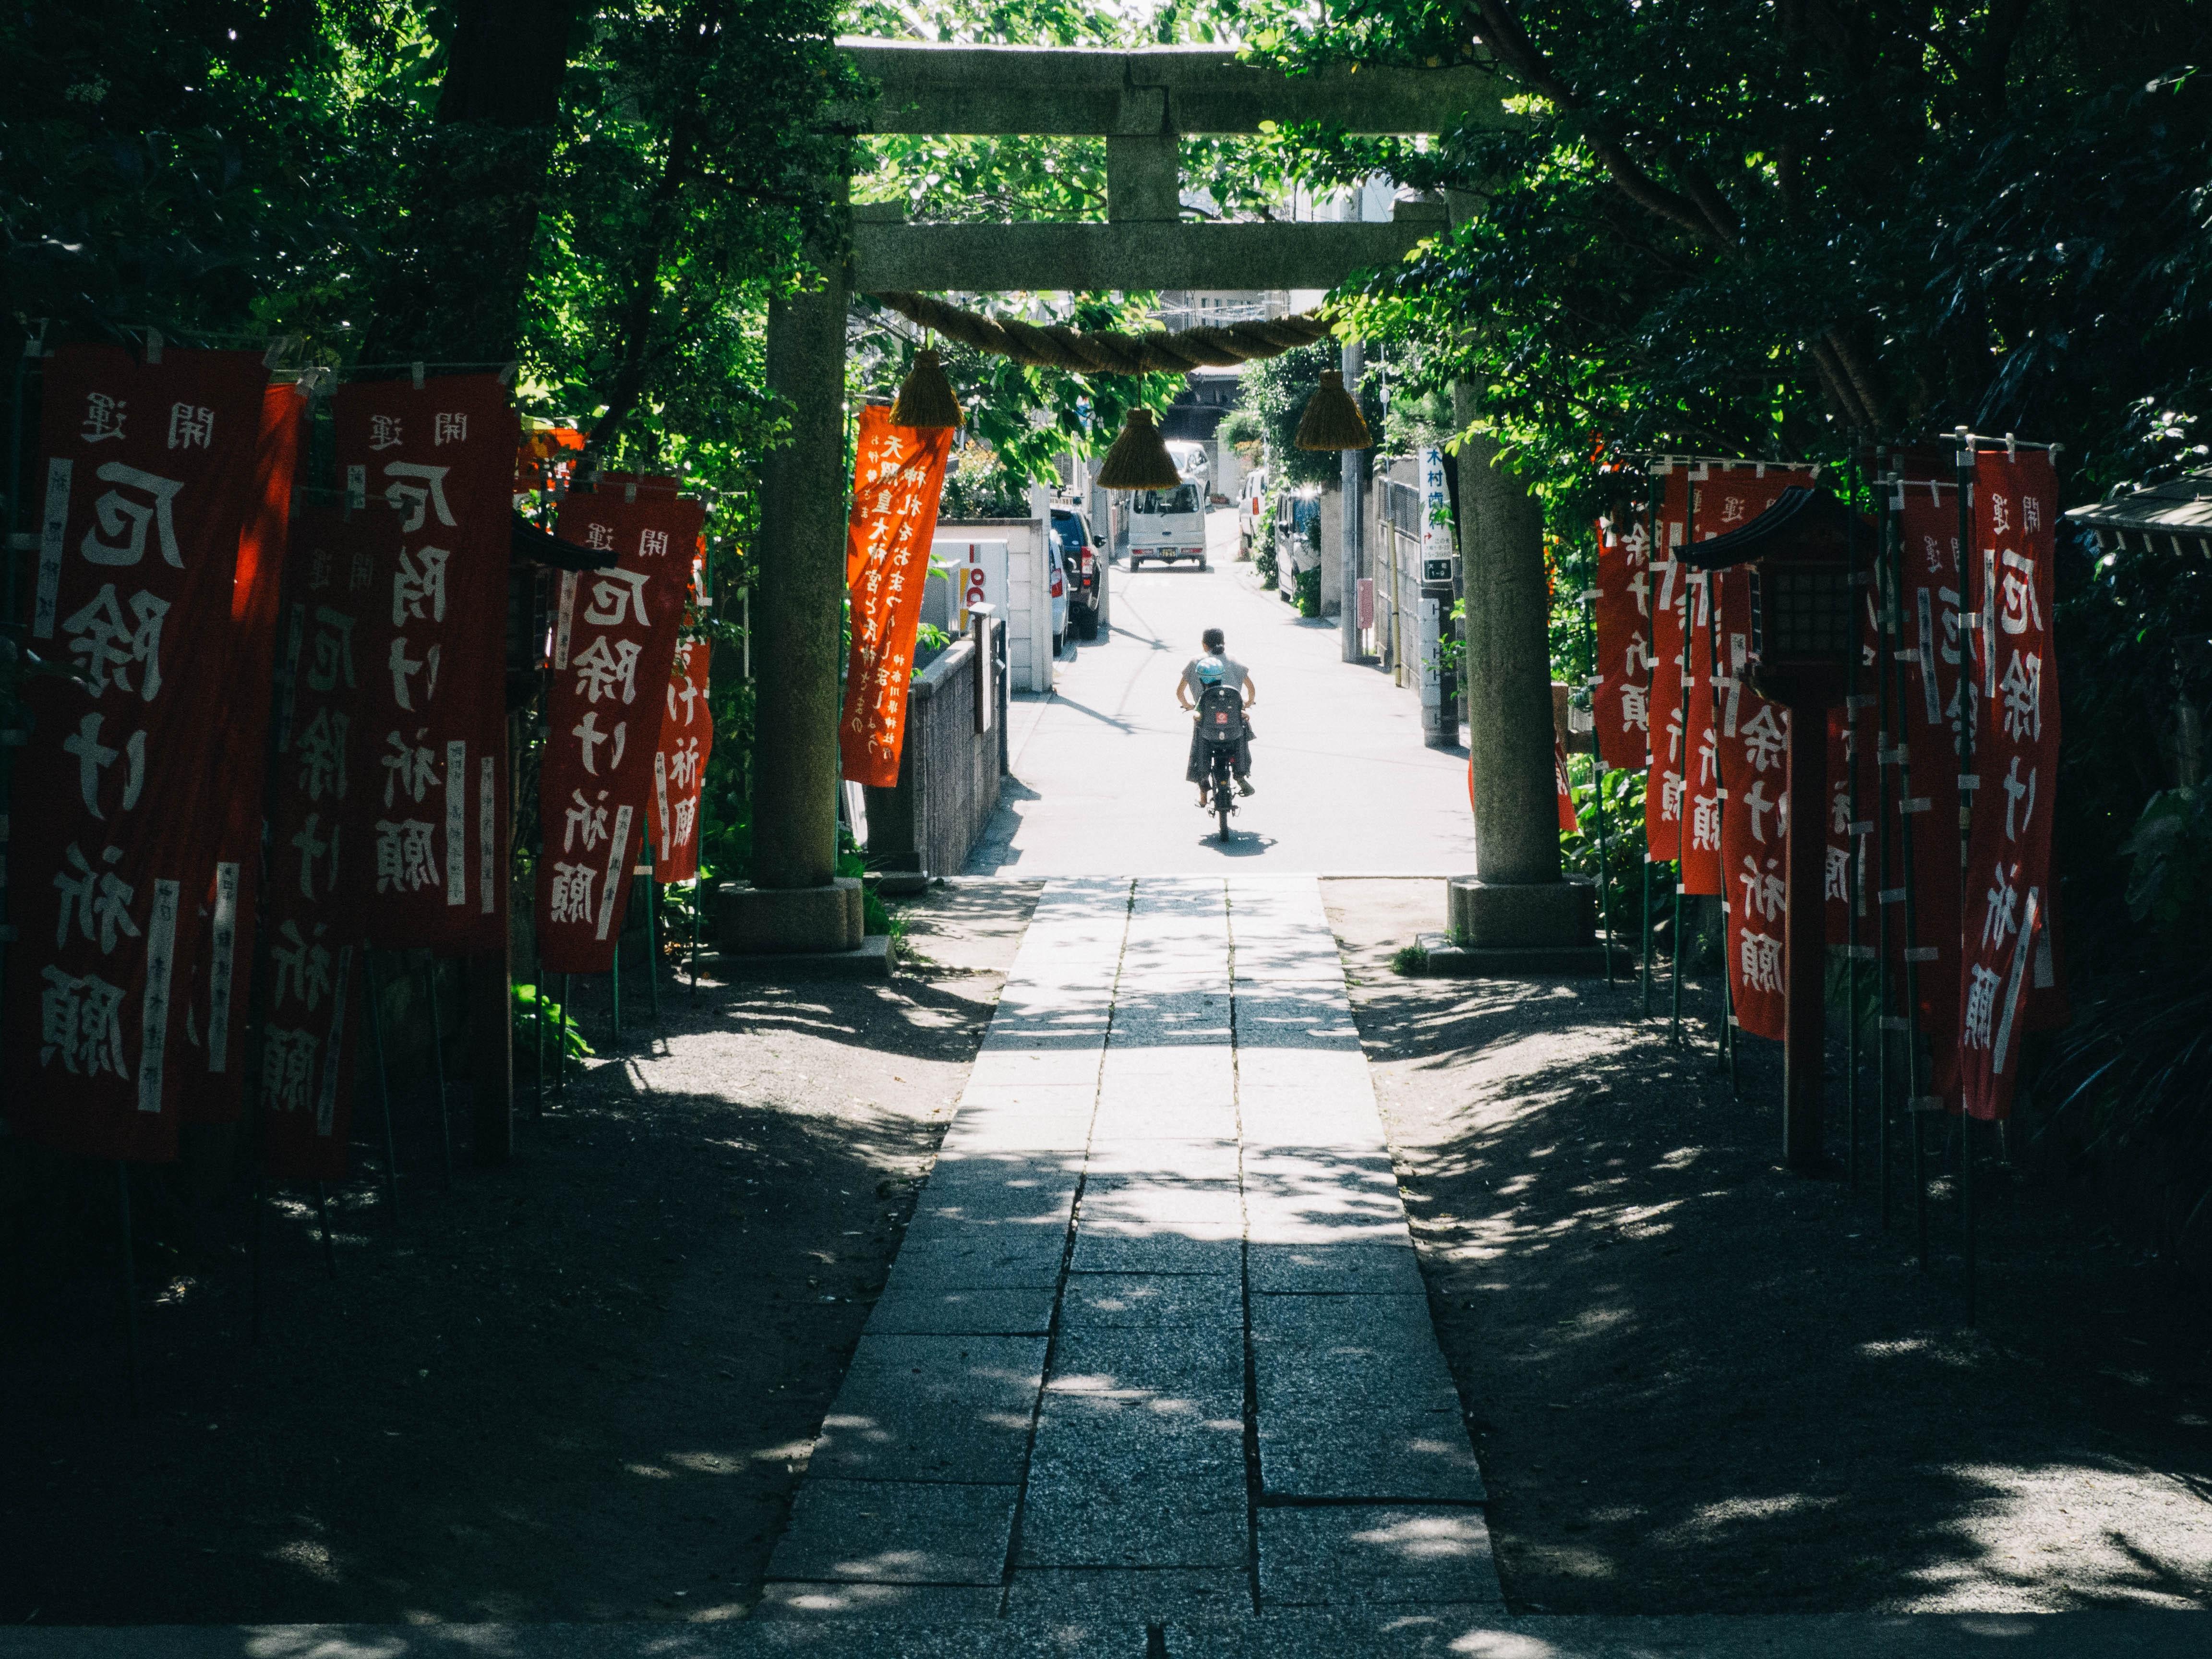 とある神社の参道を走り抜ける1台の自転車